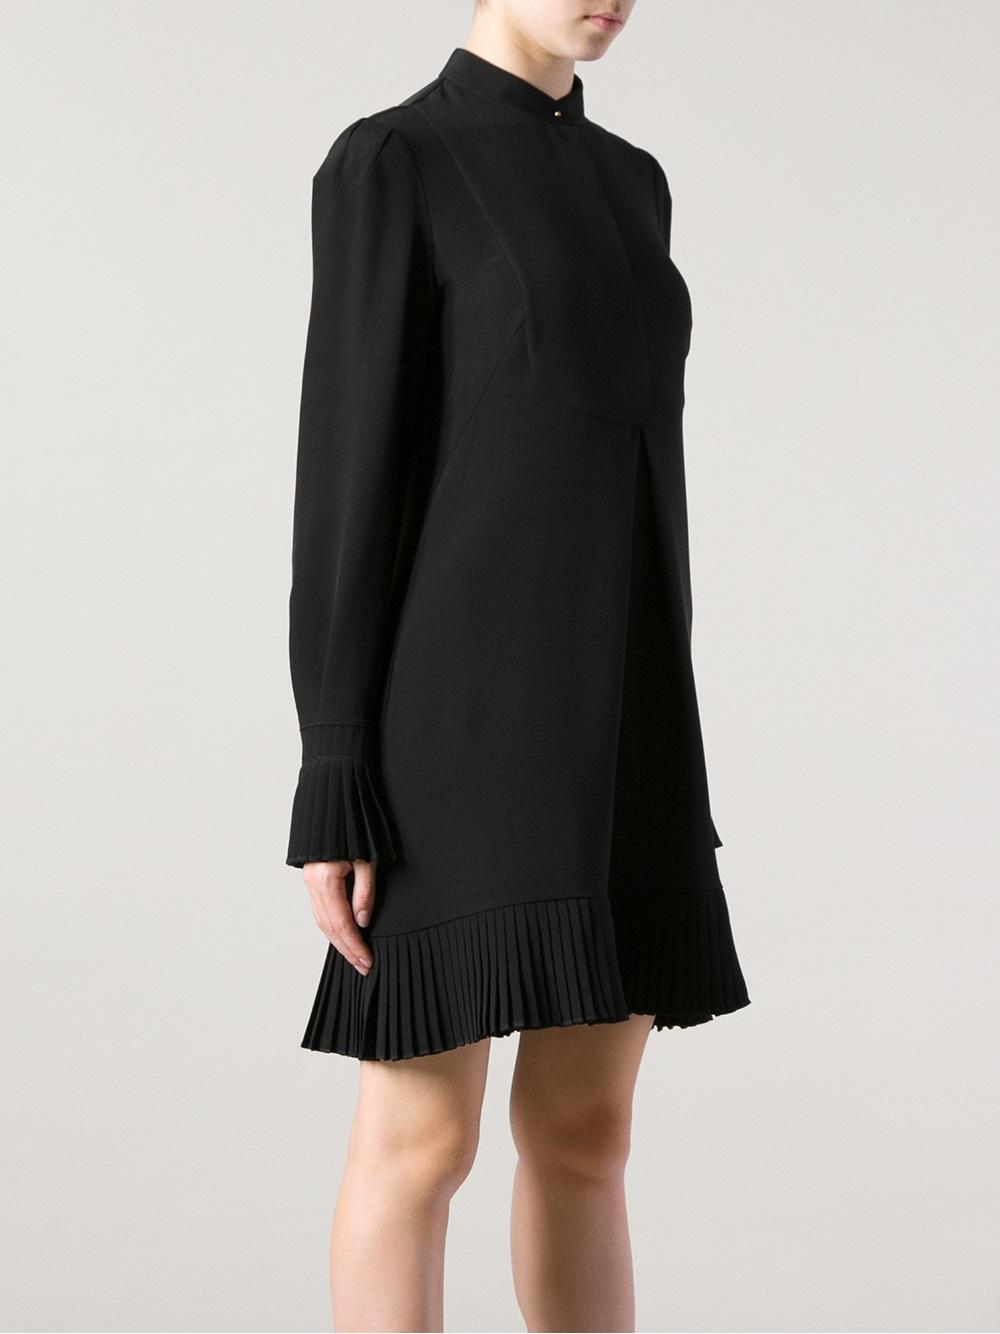 Alexander Mcqueen Pleated Blouse Dress In Black Lyst